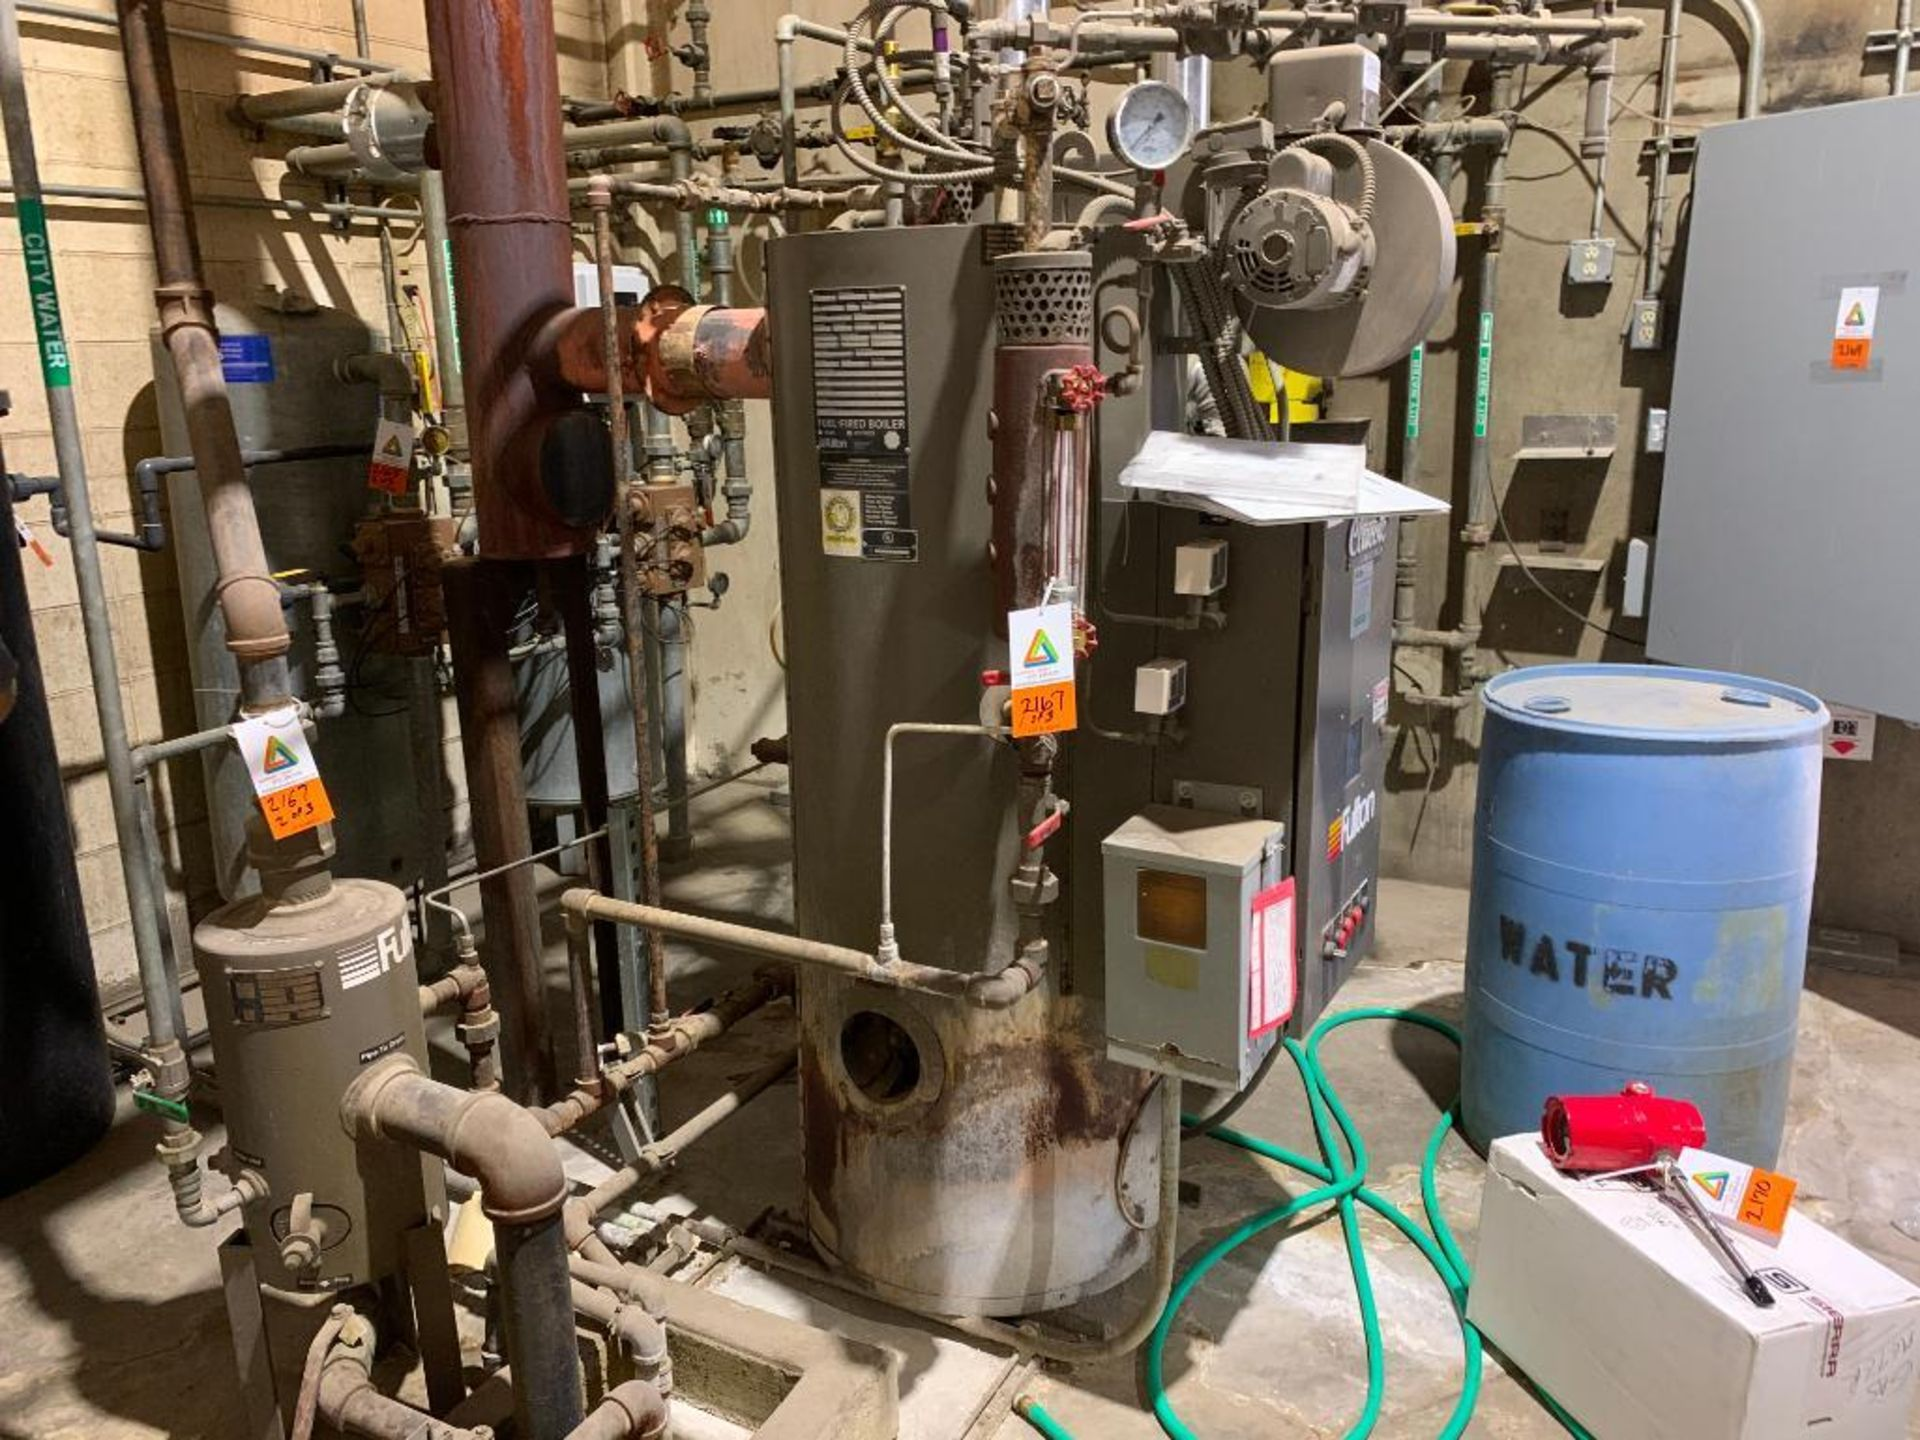 2014 Fulton steam boiler